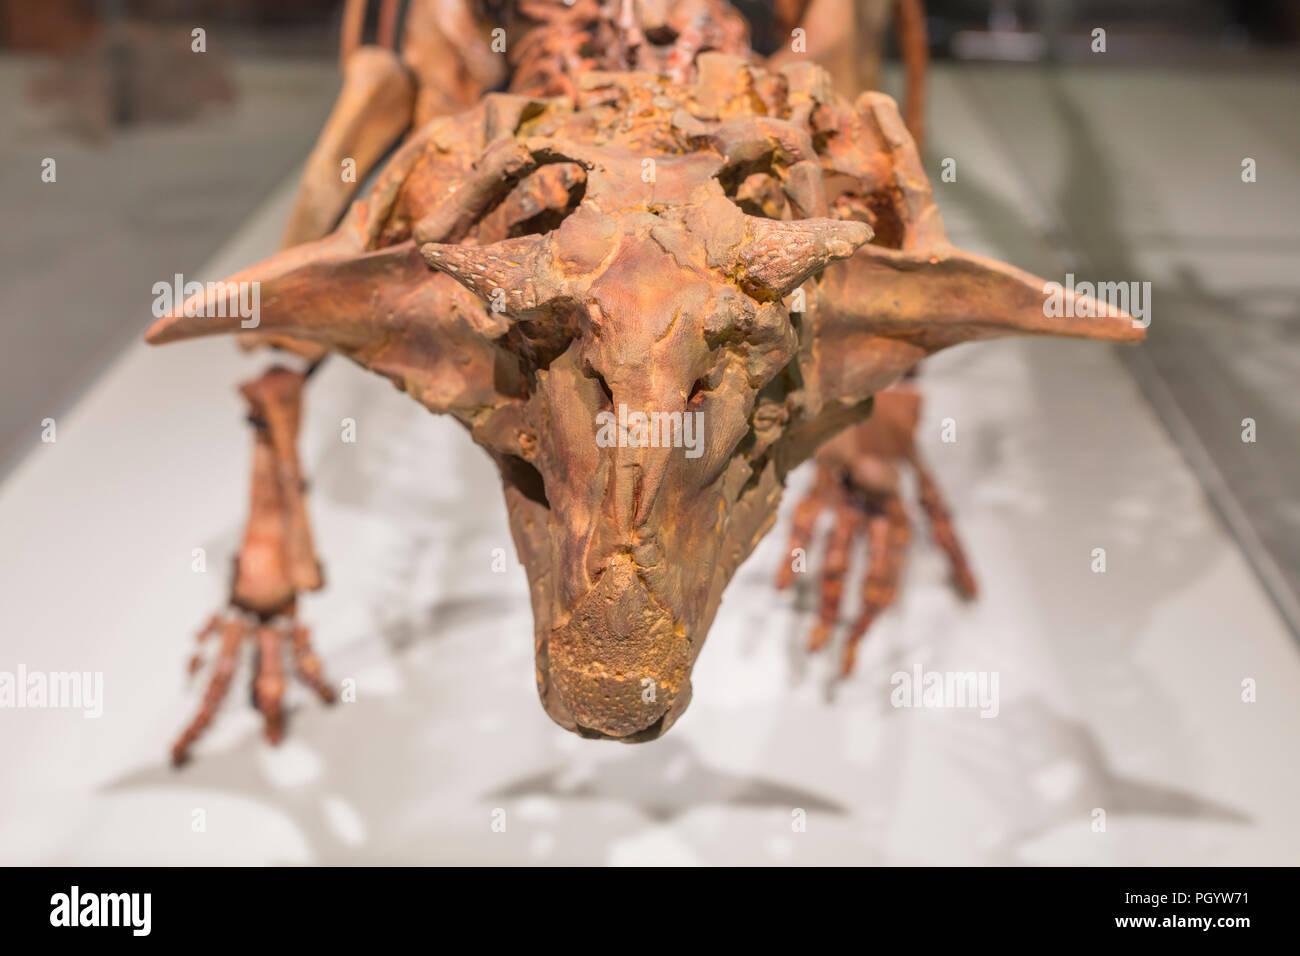 Esqueleto de dinosaurio, Moscú Museo Paleontológico, Moscú, Rusia Imagen De Stock